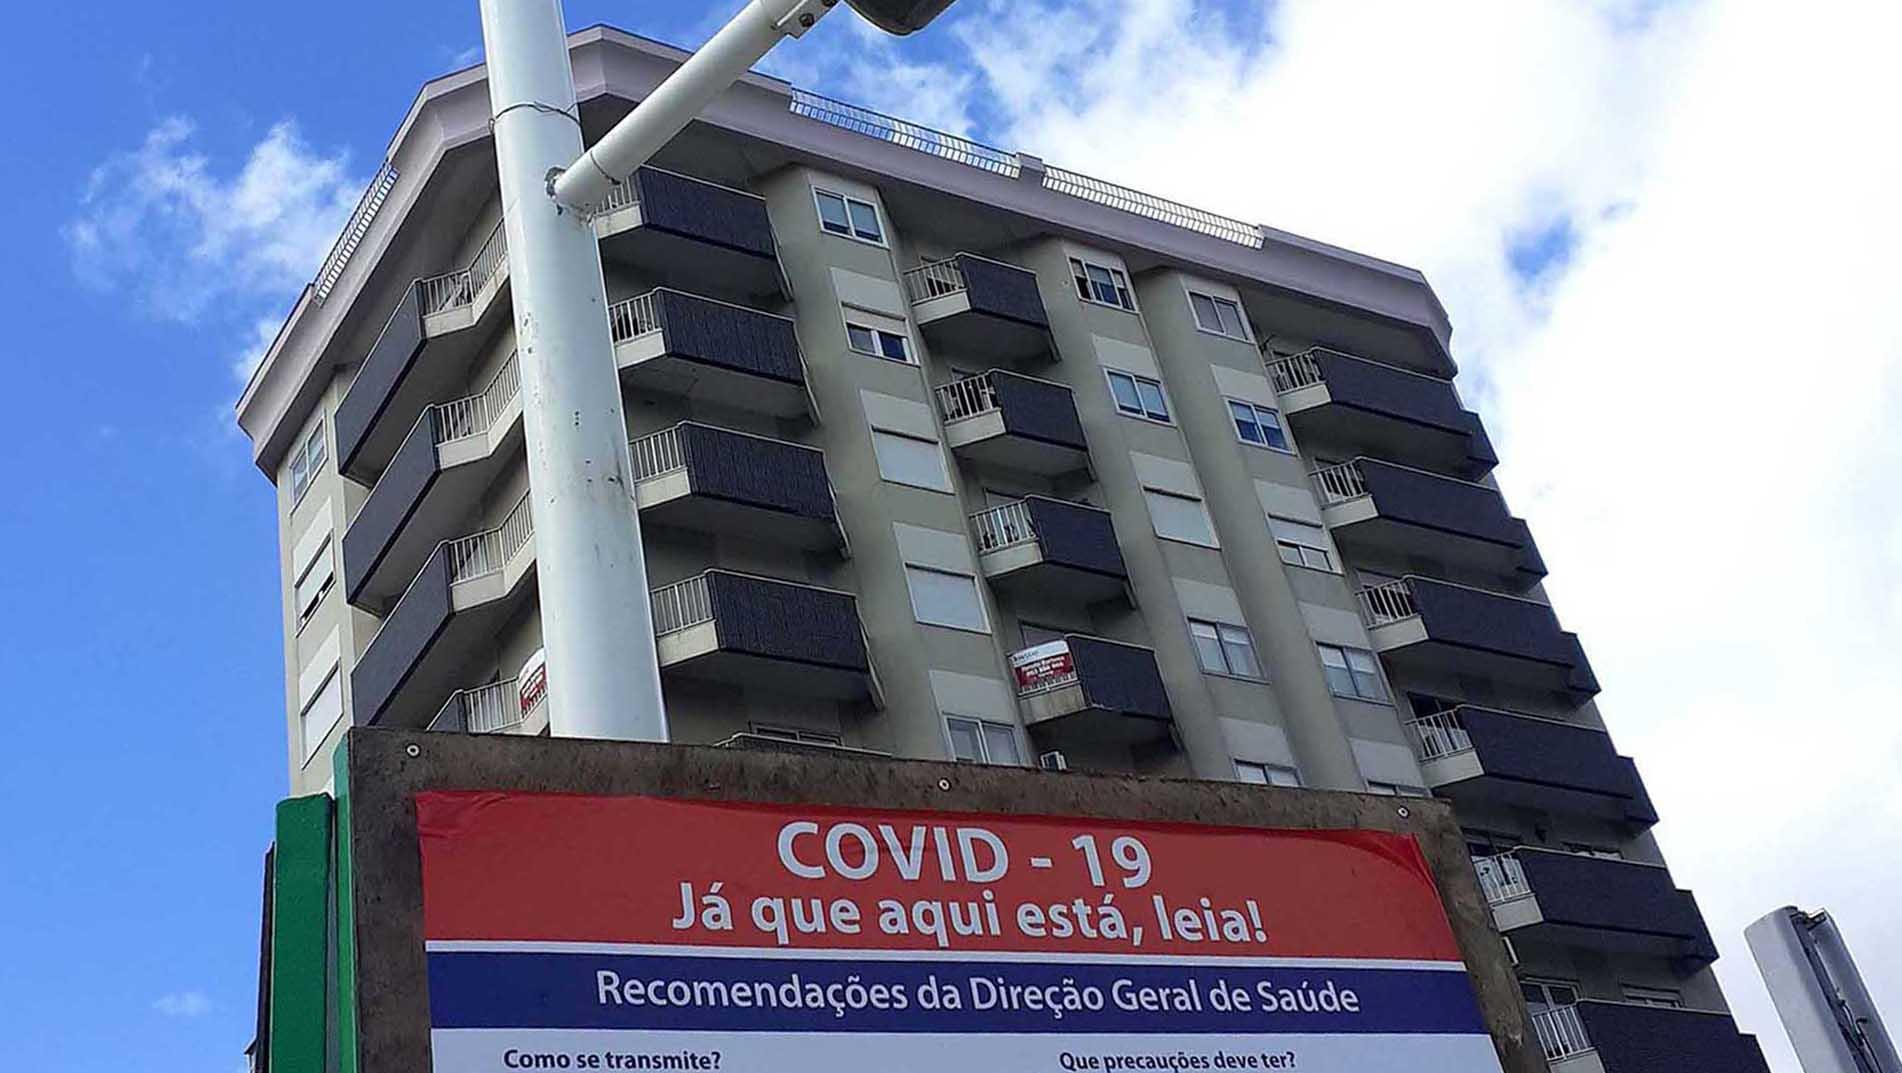 Covid-19: Almada registou 25 novos casos na última semana